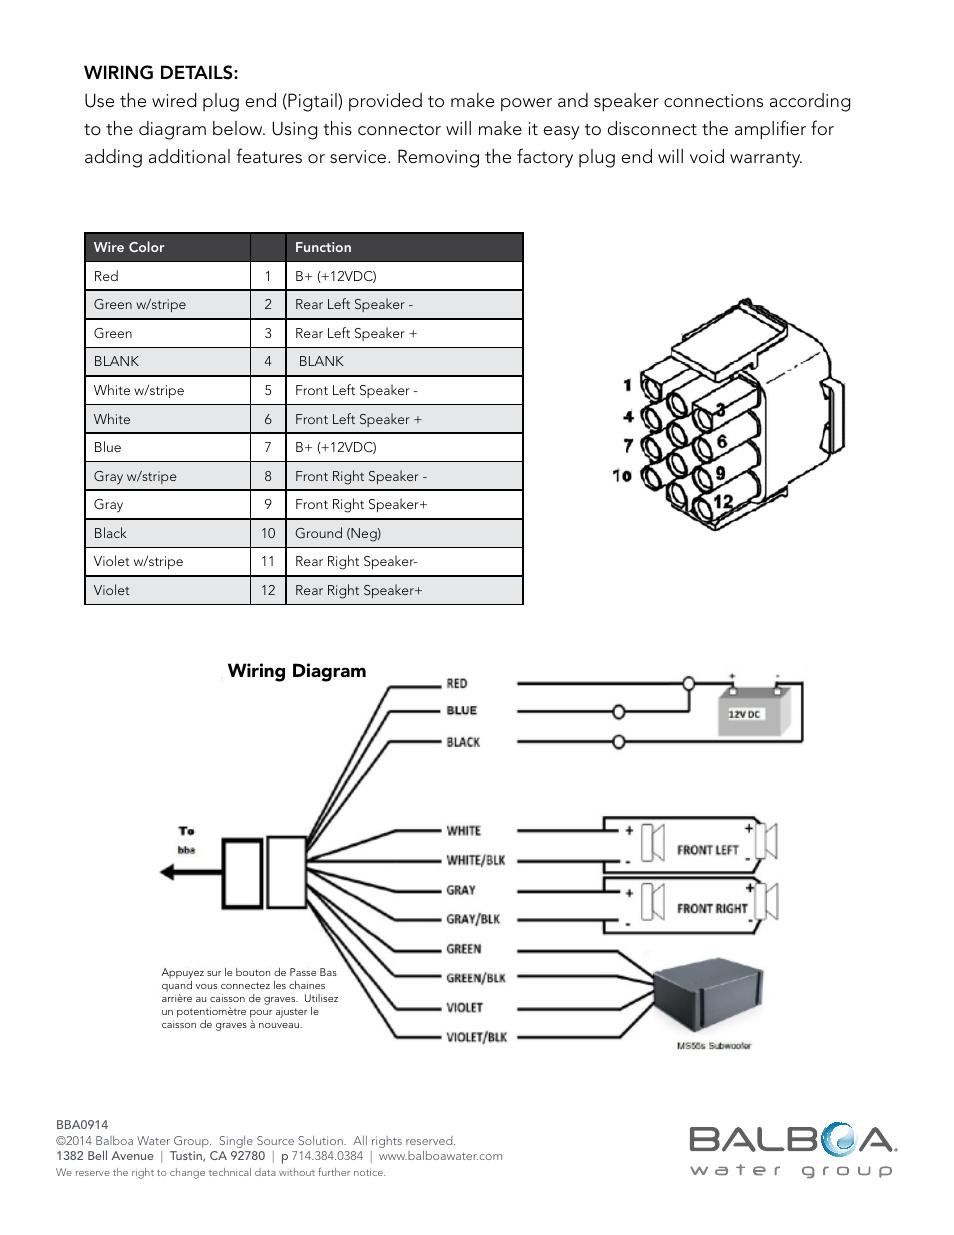 Grandee Spa 2003 Wiring Diagram